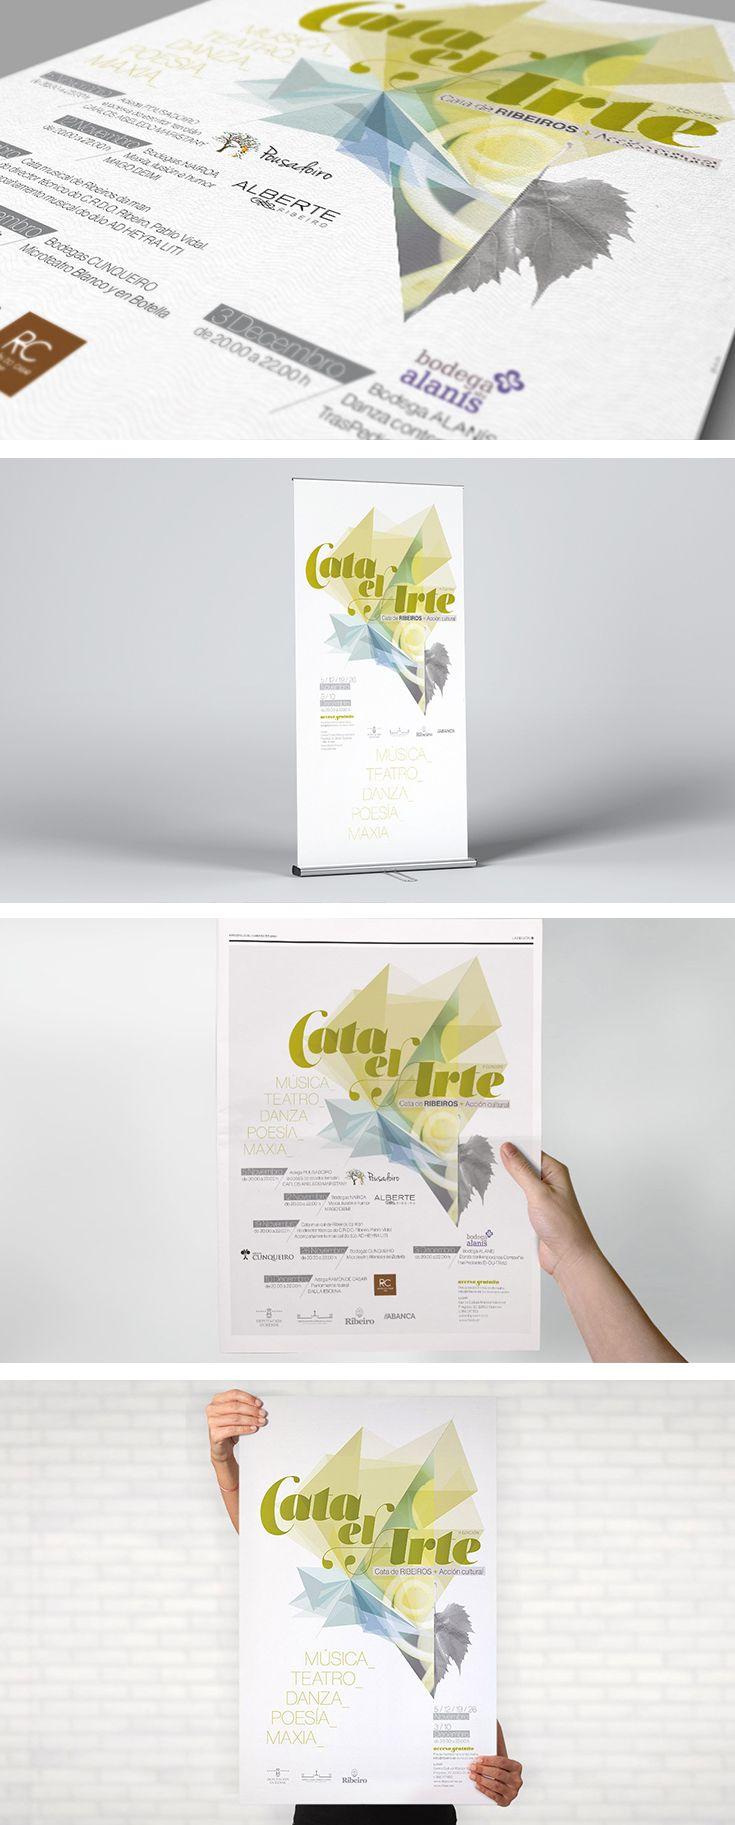 Campaña de promoción de Catas de vinos de la D.O. Ribeiro y actividades culturales.